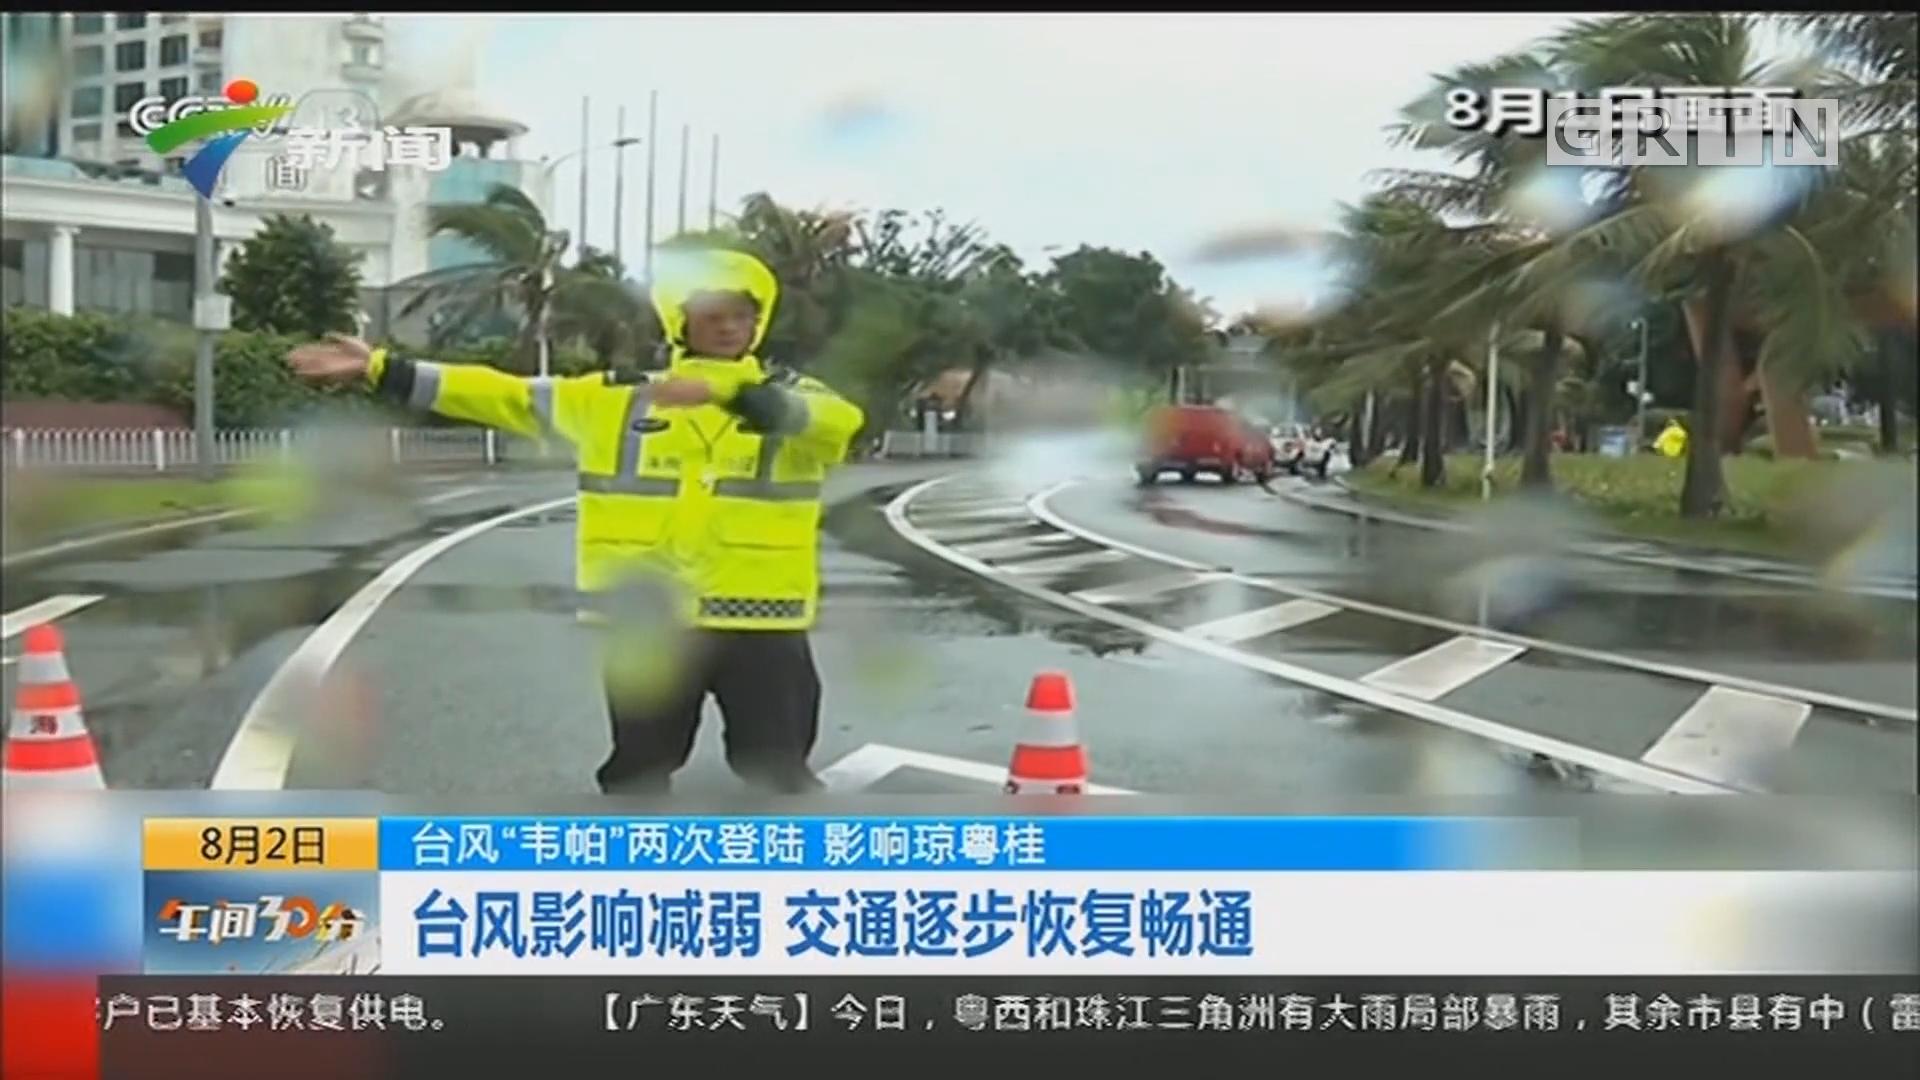 """台风""""韦帕""""两次登陆 影响琼粤桂:台风影响减弱 交通逐步恢复畅通"""